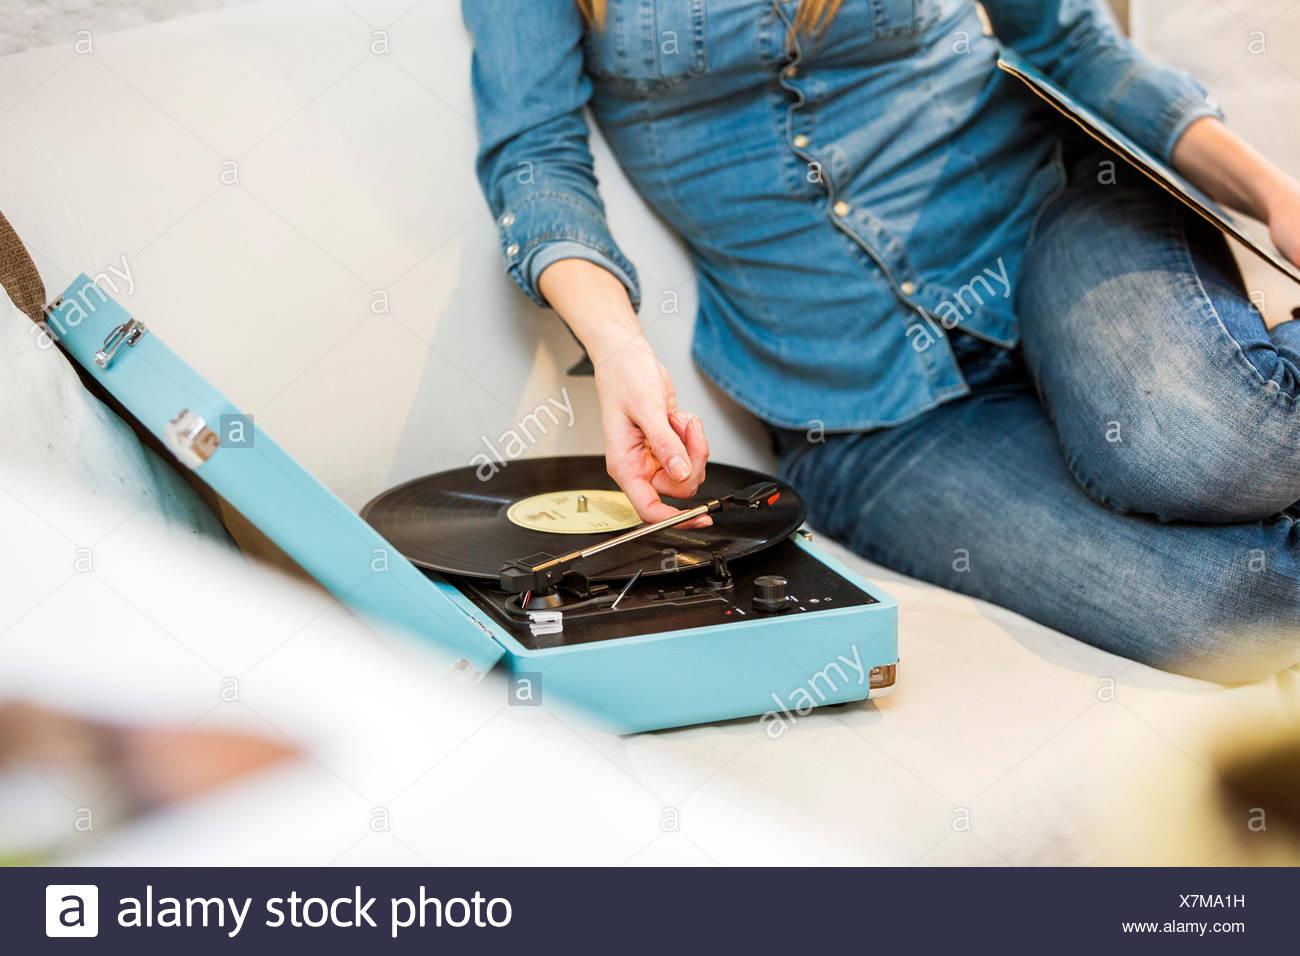 Schuss von junge Frau sitzt auf dem Sofa Vintage Plattenspieler anhören beschnitten Stockbild